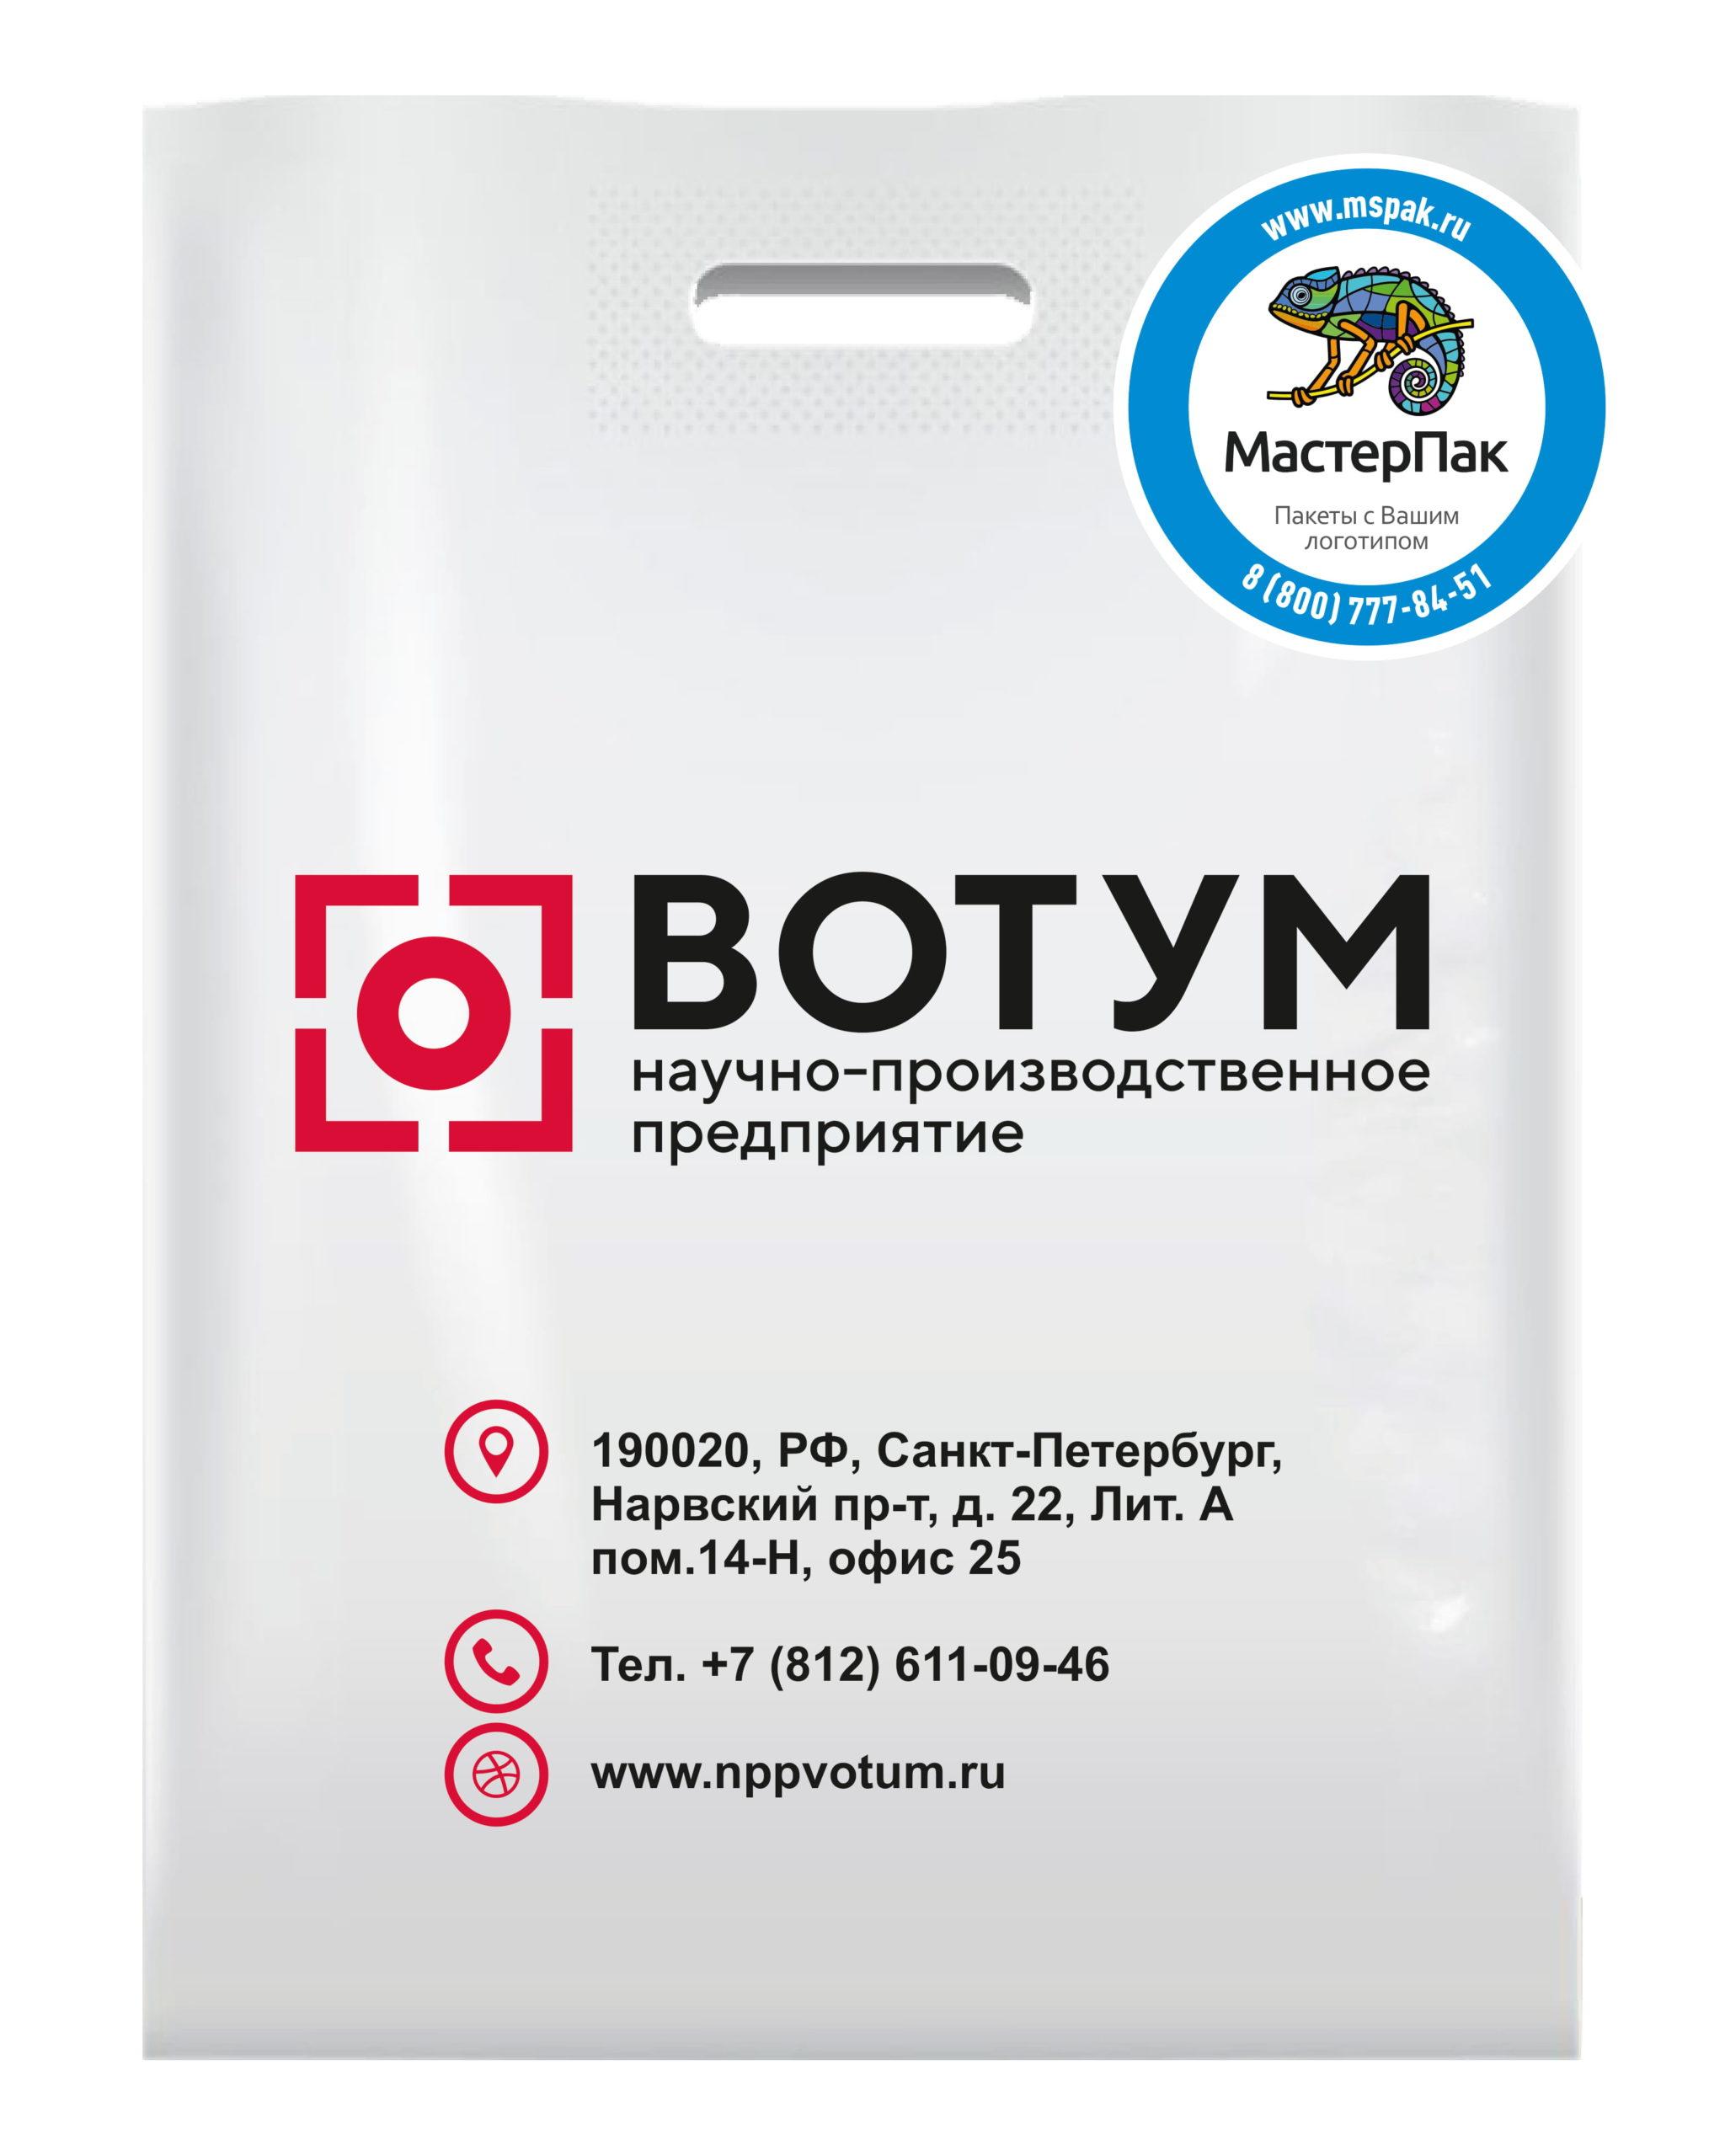 Пакет ПВД с вырубной ручкой и логотипом предприятия Вотум, г. Санкт-Петербург